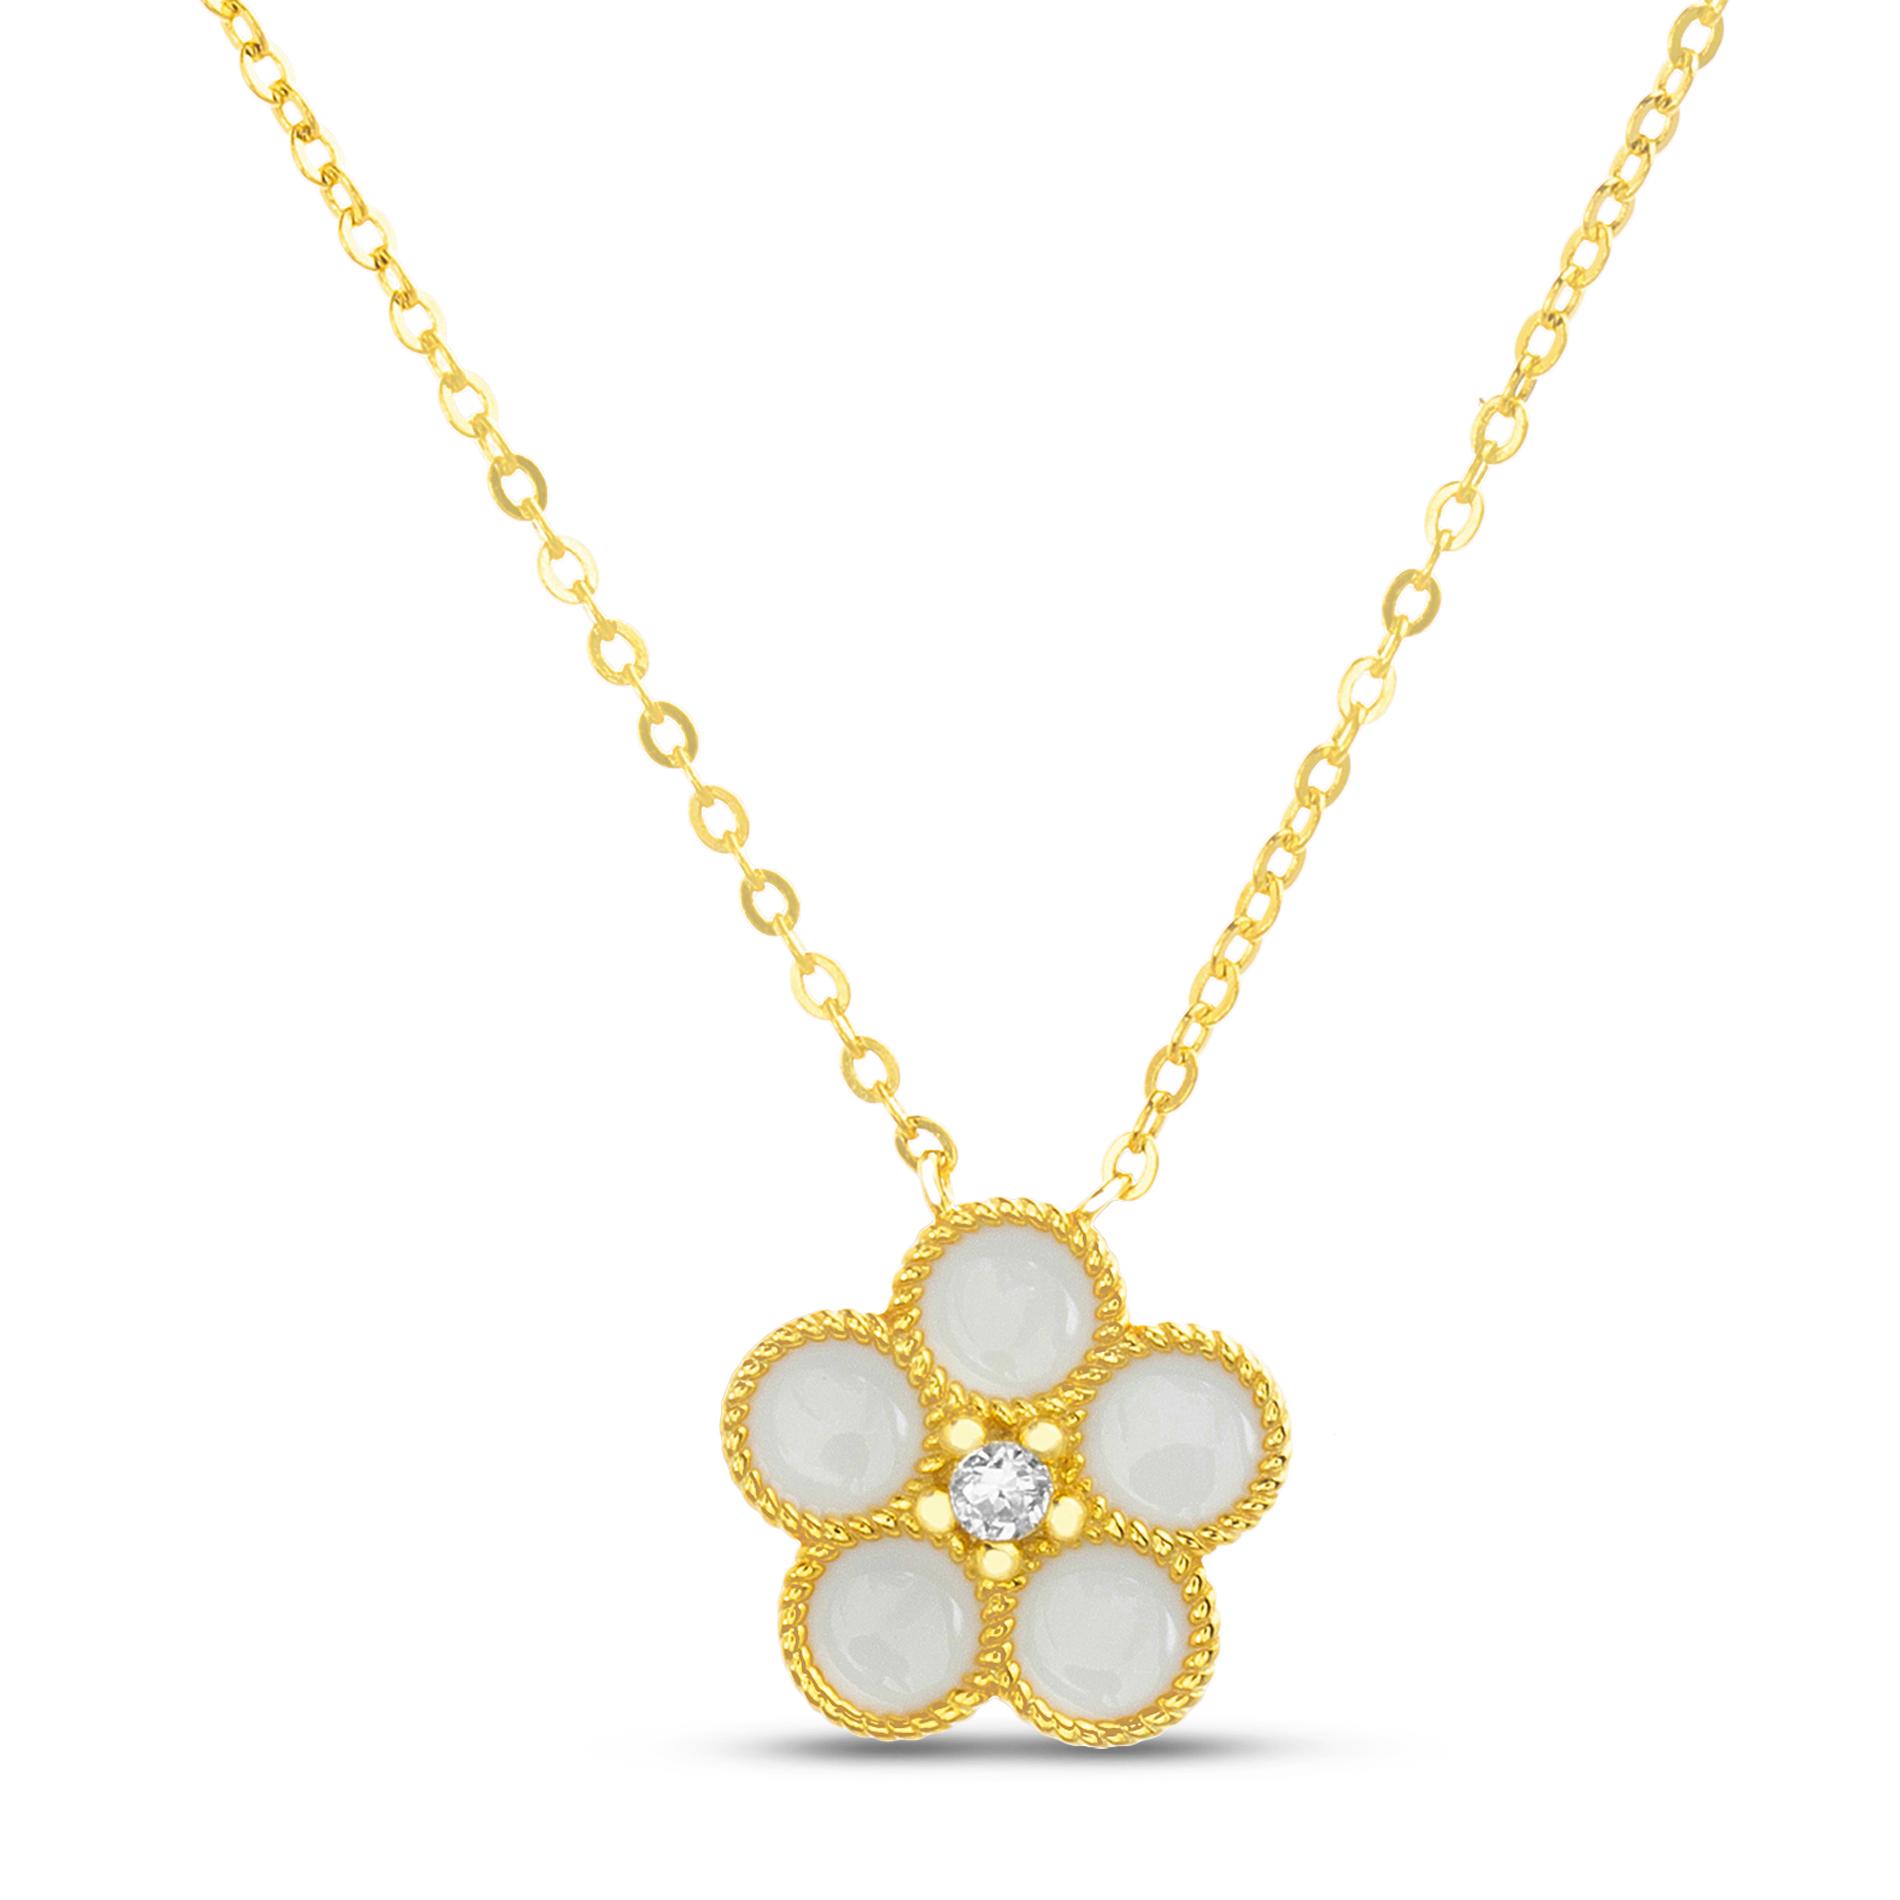 Conjunto amarillo flor esmaltada blanca y piedra en el centro